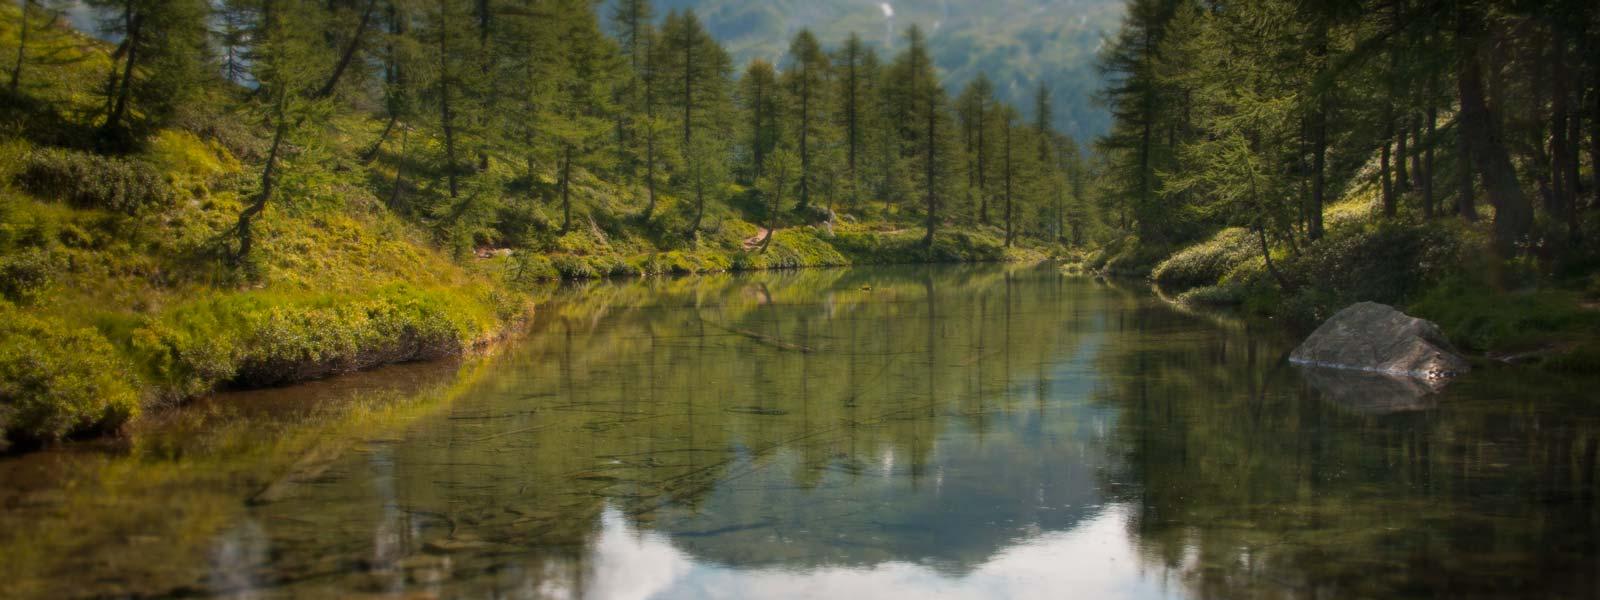 Lago-delle-streghe